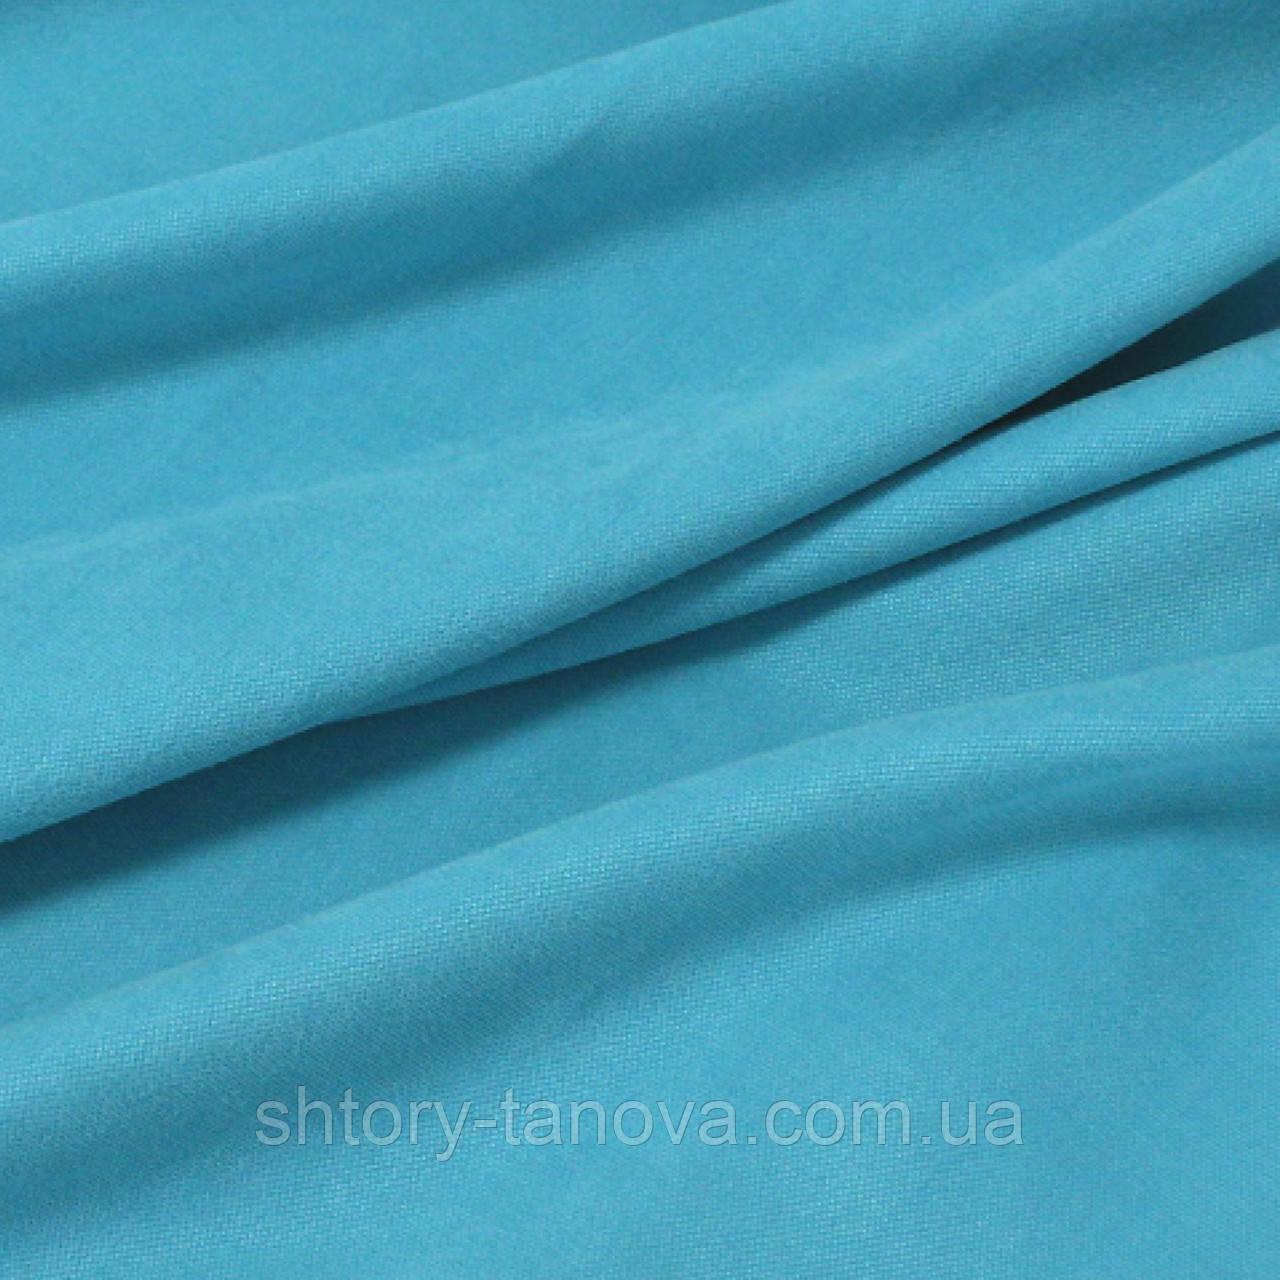 Ткань для штор нубук небесно-голубой